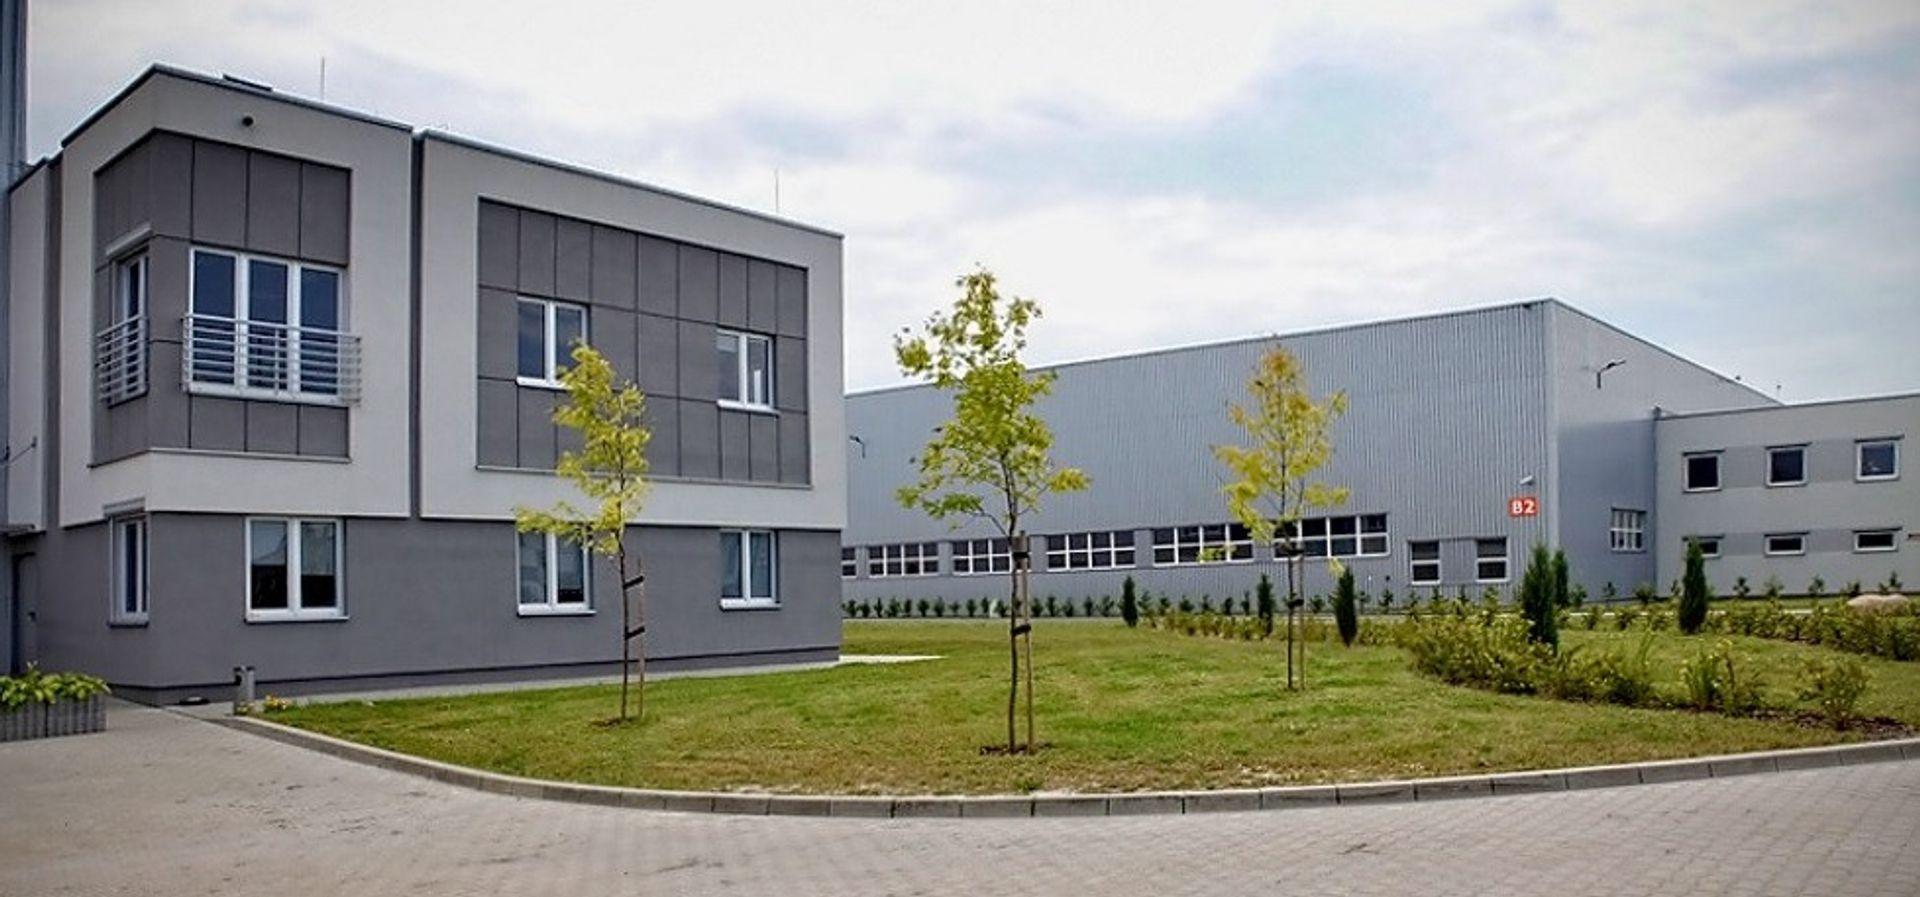 [Polska] MLP Group wybuduje gigantyczne magazyny